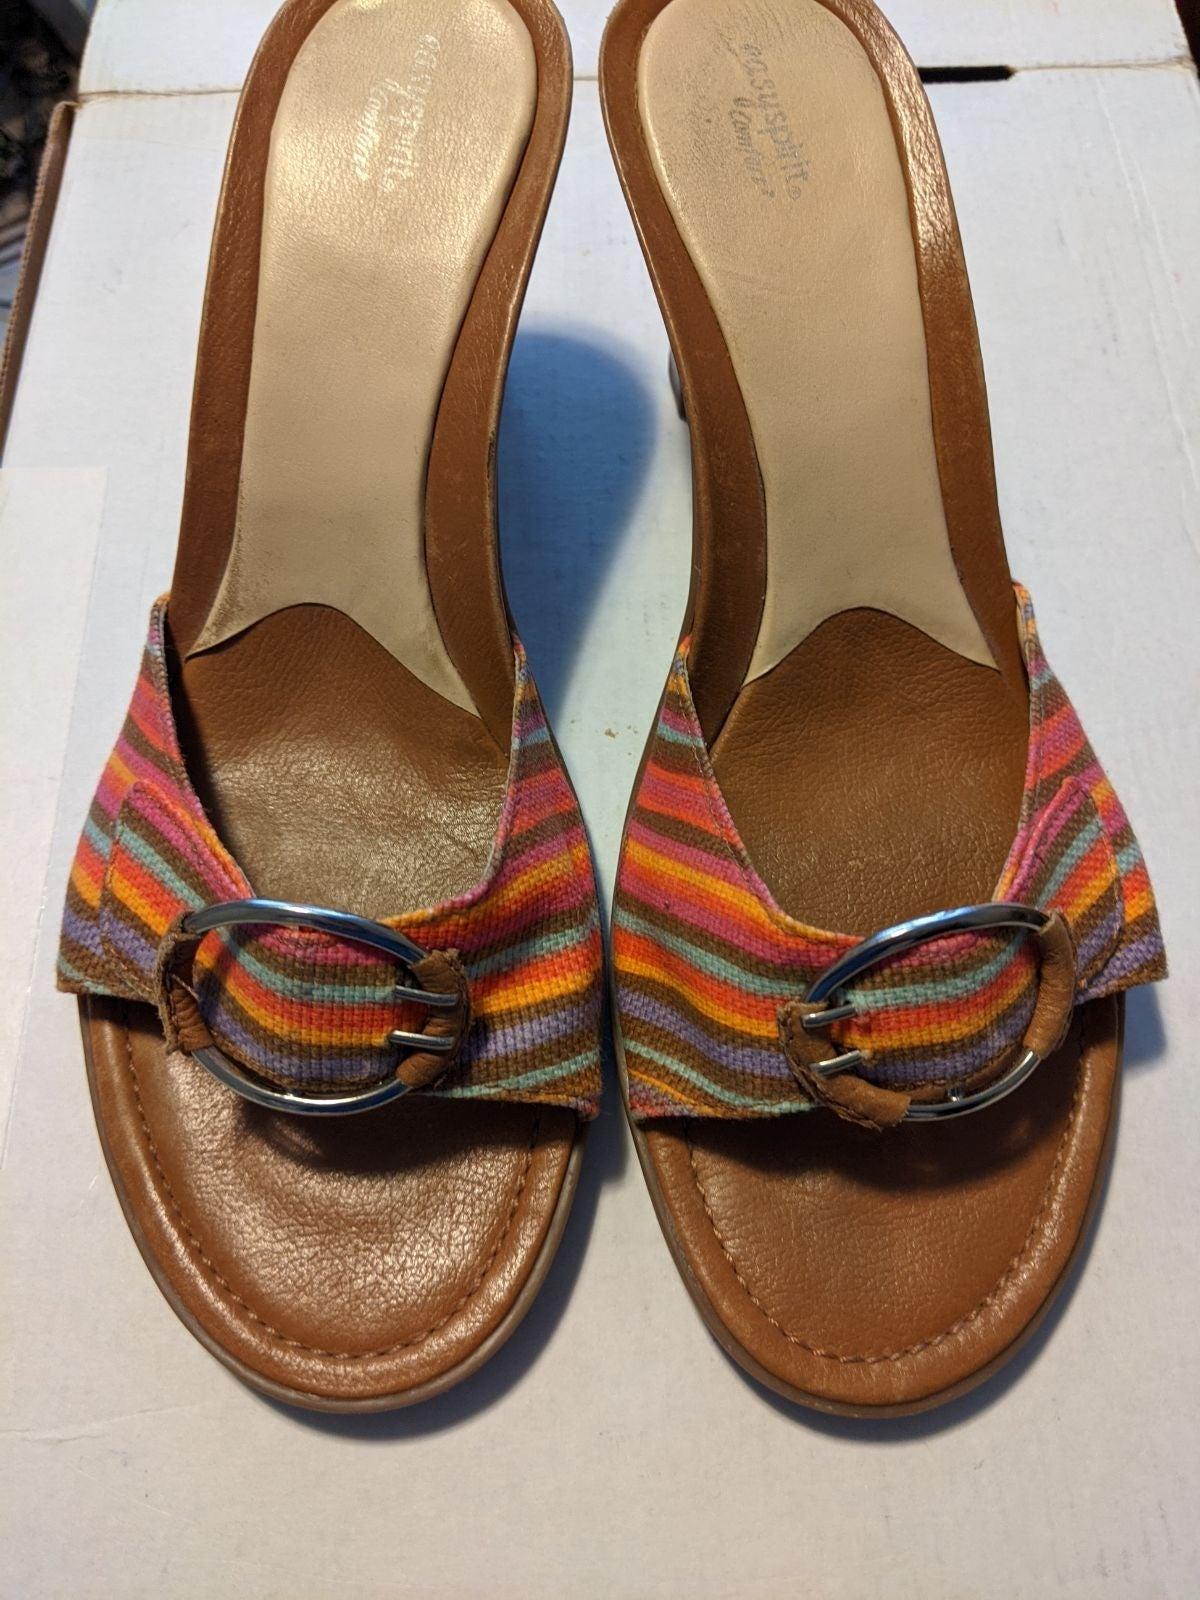 Sandals Size 7 1/2